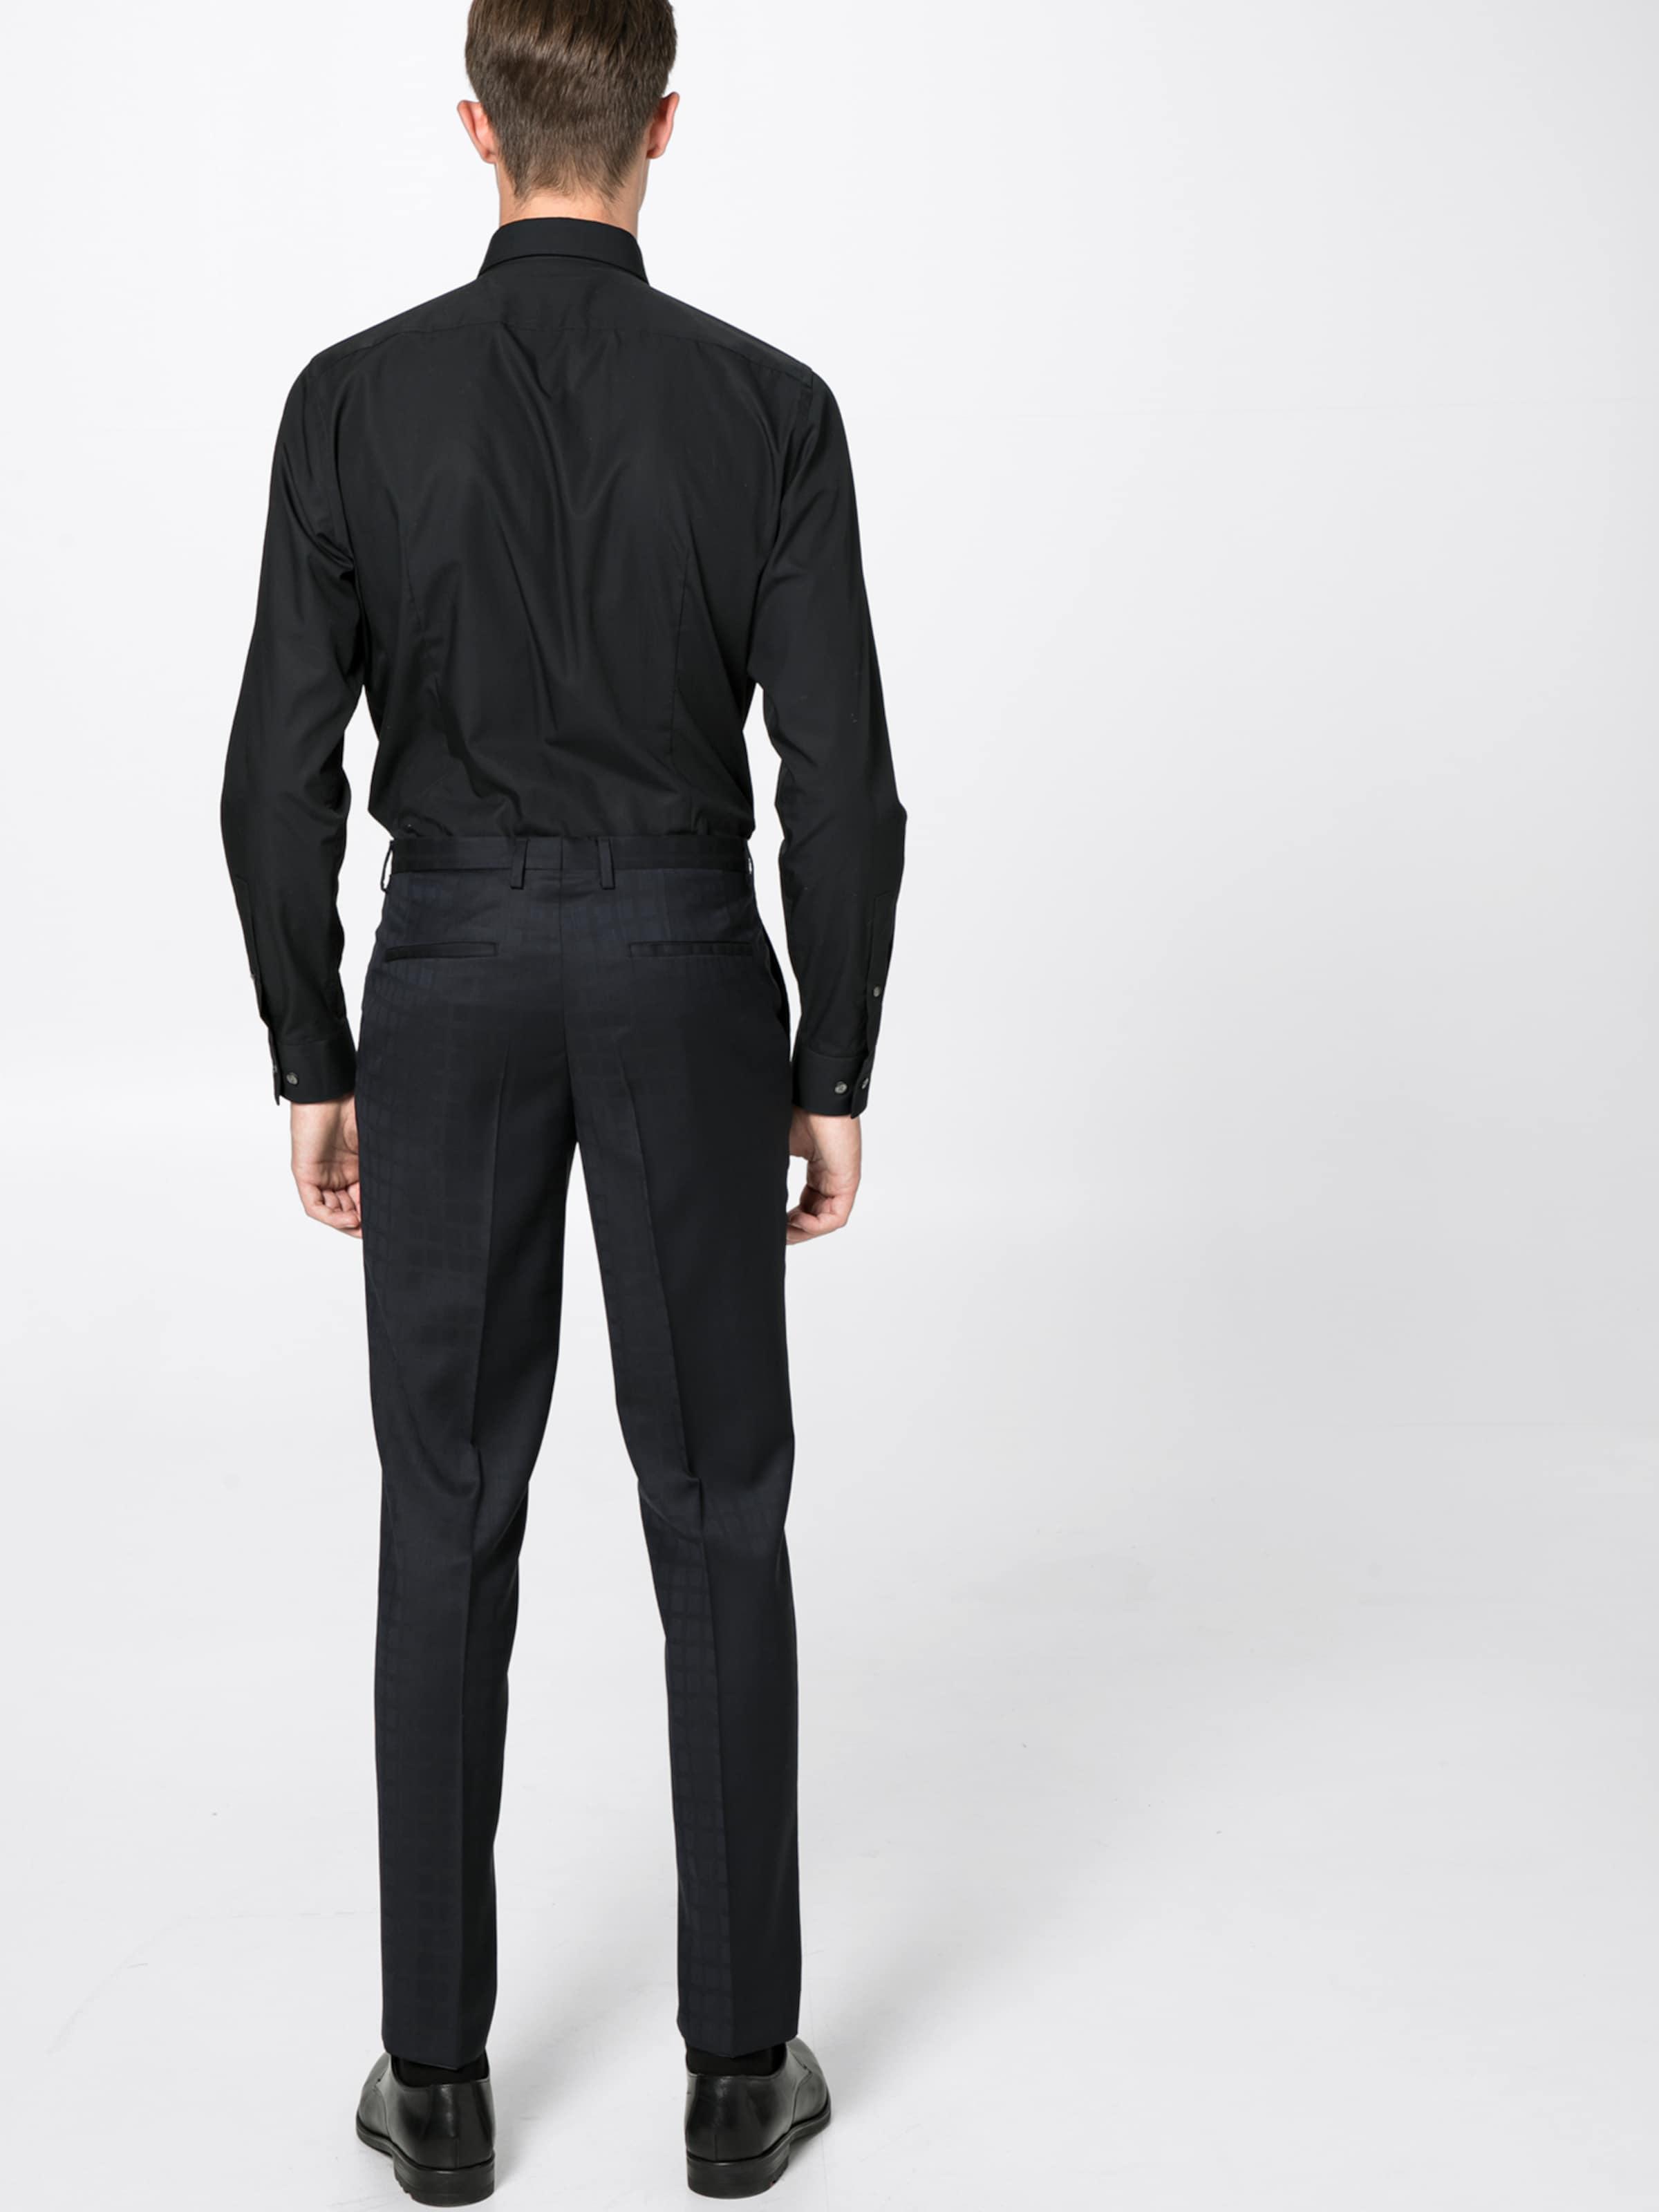 En Costume Bleu Marine 01' 'astian 10207430 Hugo hets182 b6IY7ymfgv